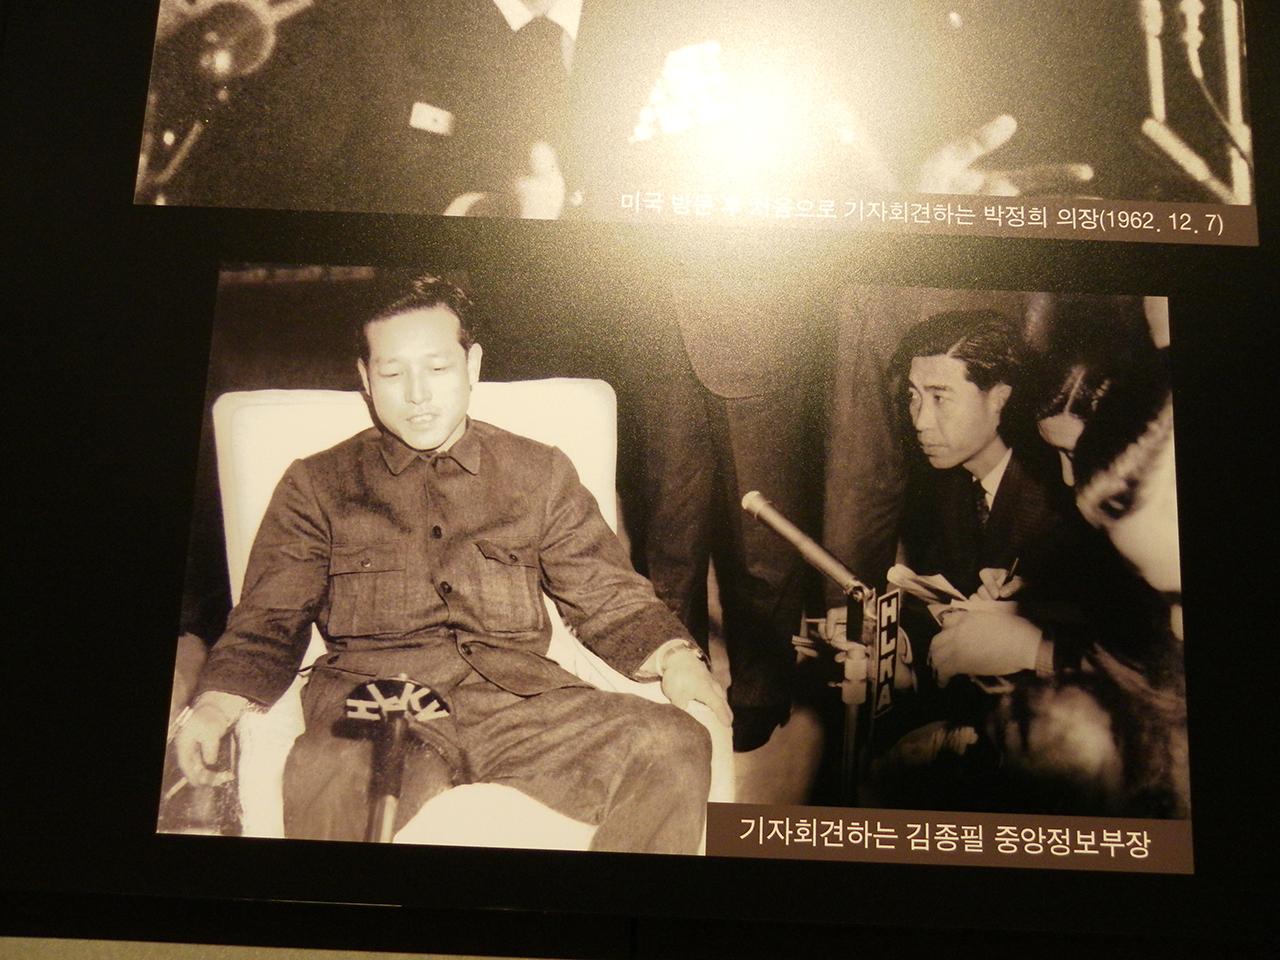 중앙정보부장 시절. 서울시 마포구 상암동의 박정희대통령기념도서관에서 찍은 사진.